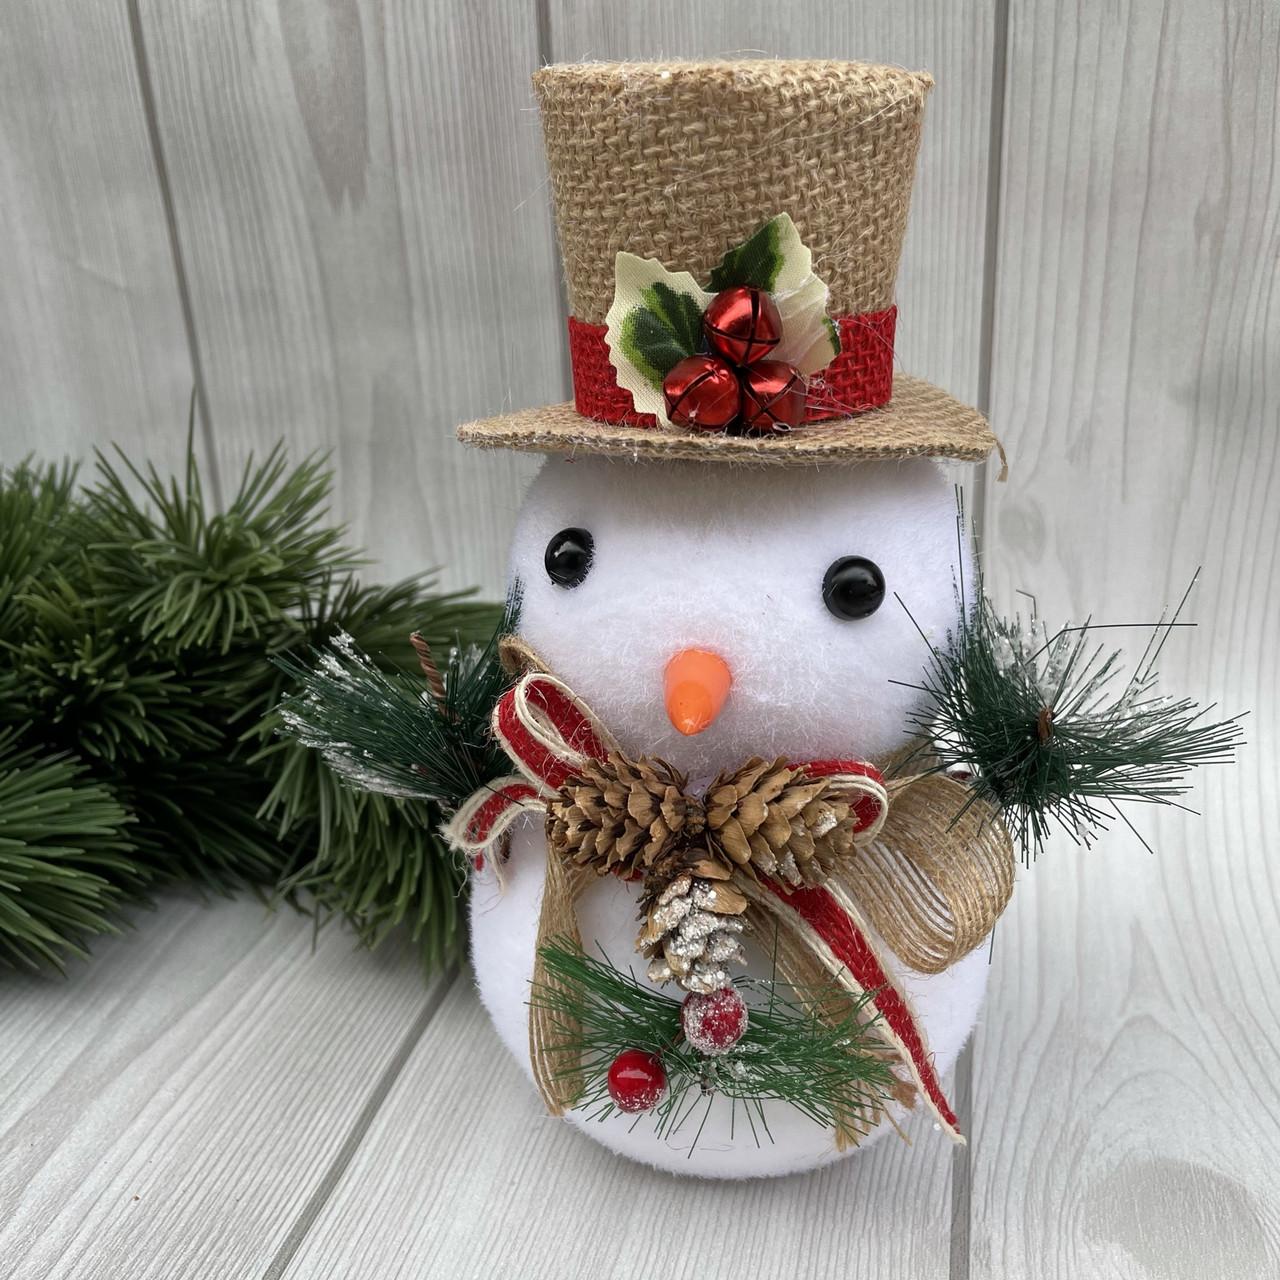 Іграшка новорічна. сніговик в капелюсі 20 см